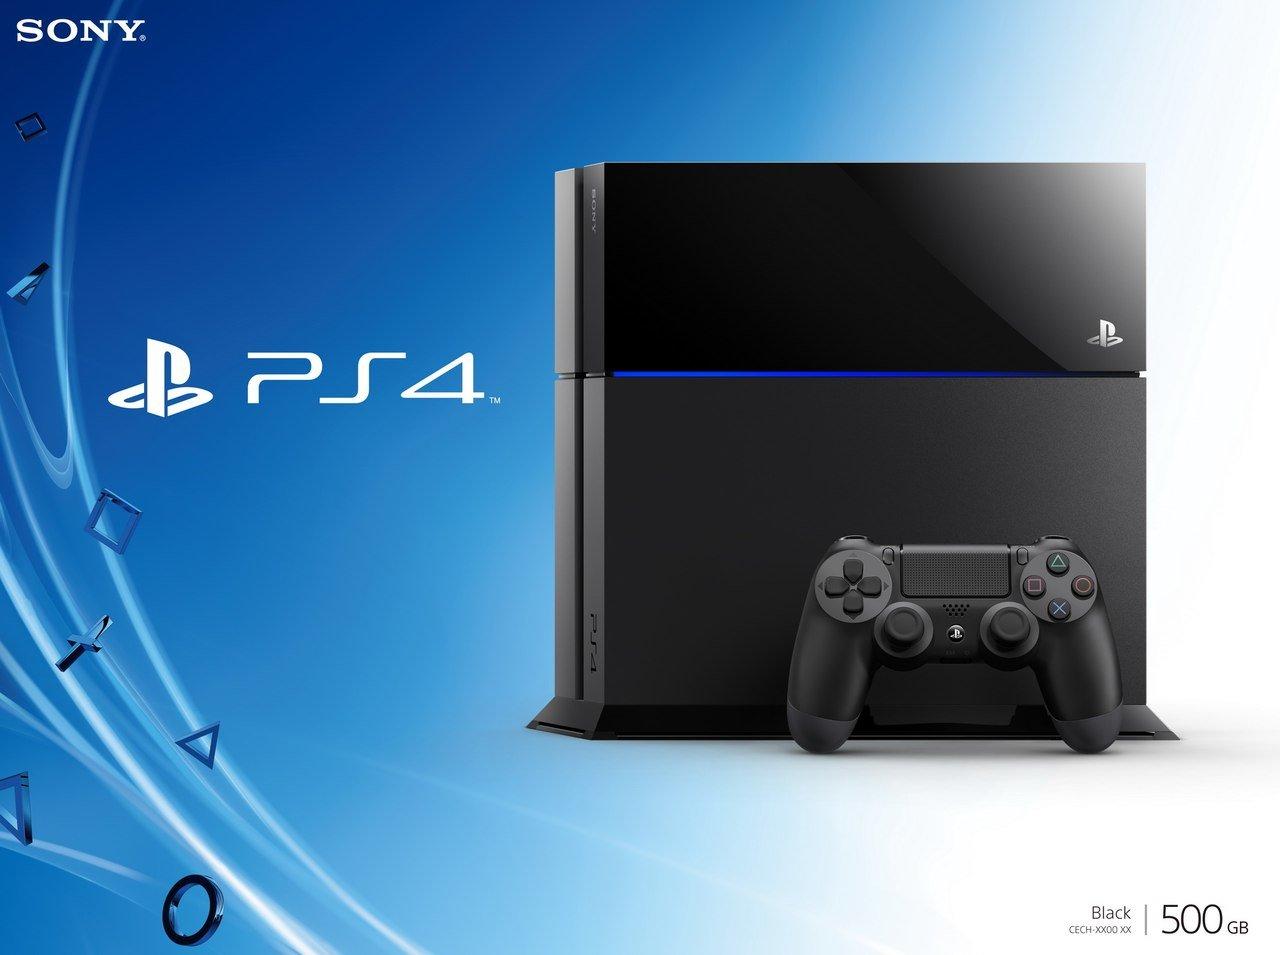 Официально: в августе стартуют продажи комплекта предварительного заказа для PlayStation 4. Что будет входить в его  ... - Изображение 1